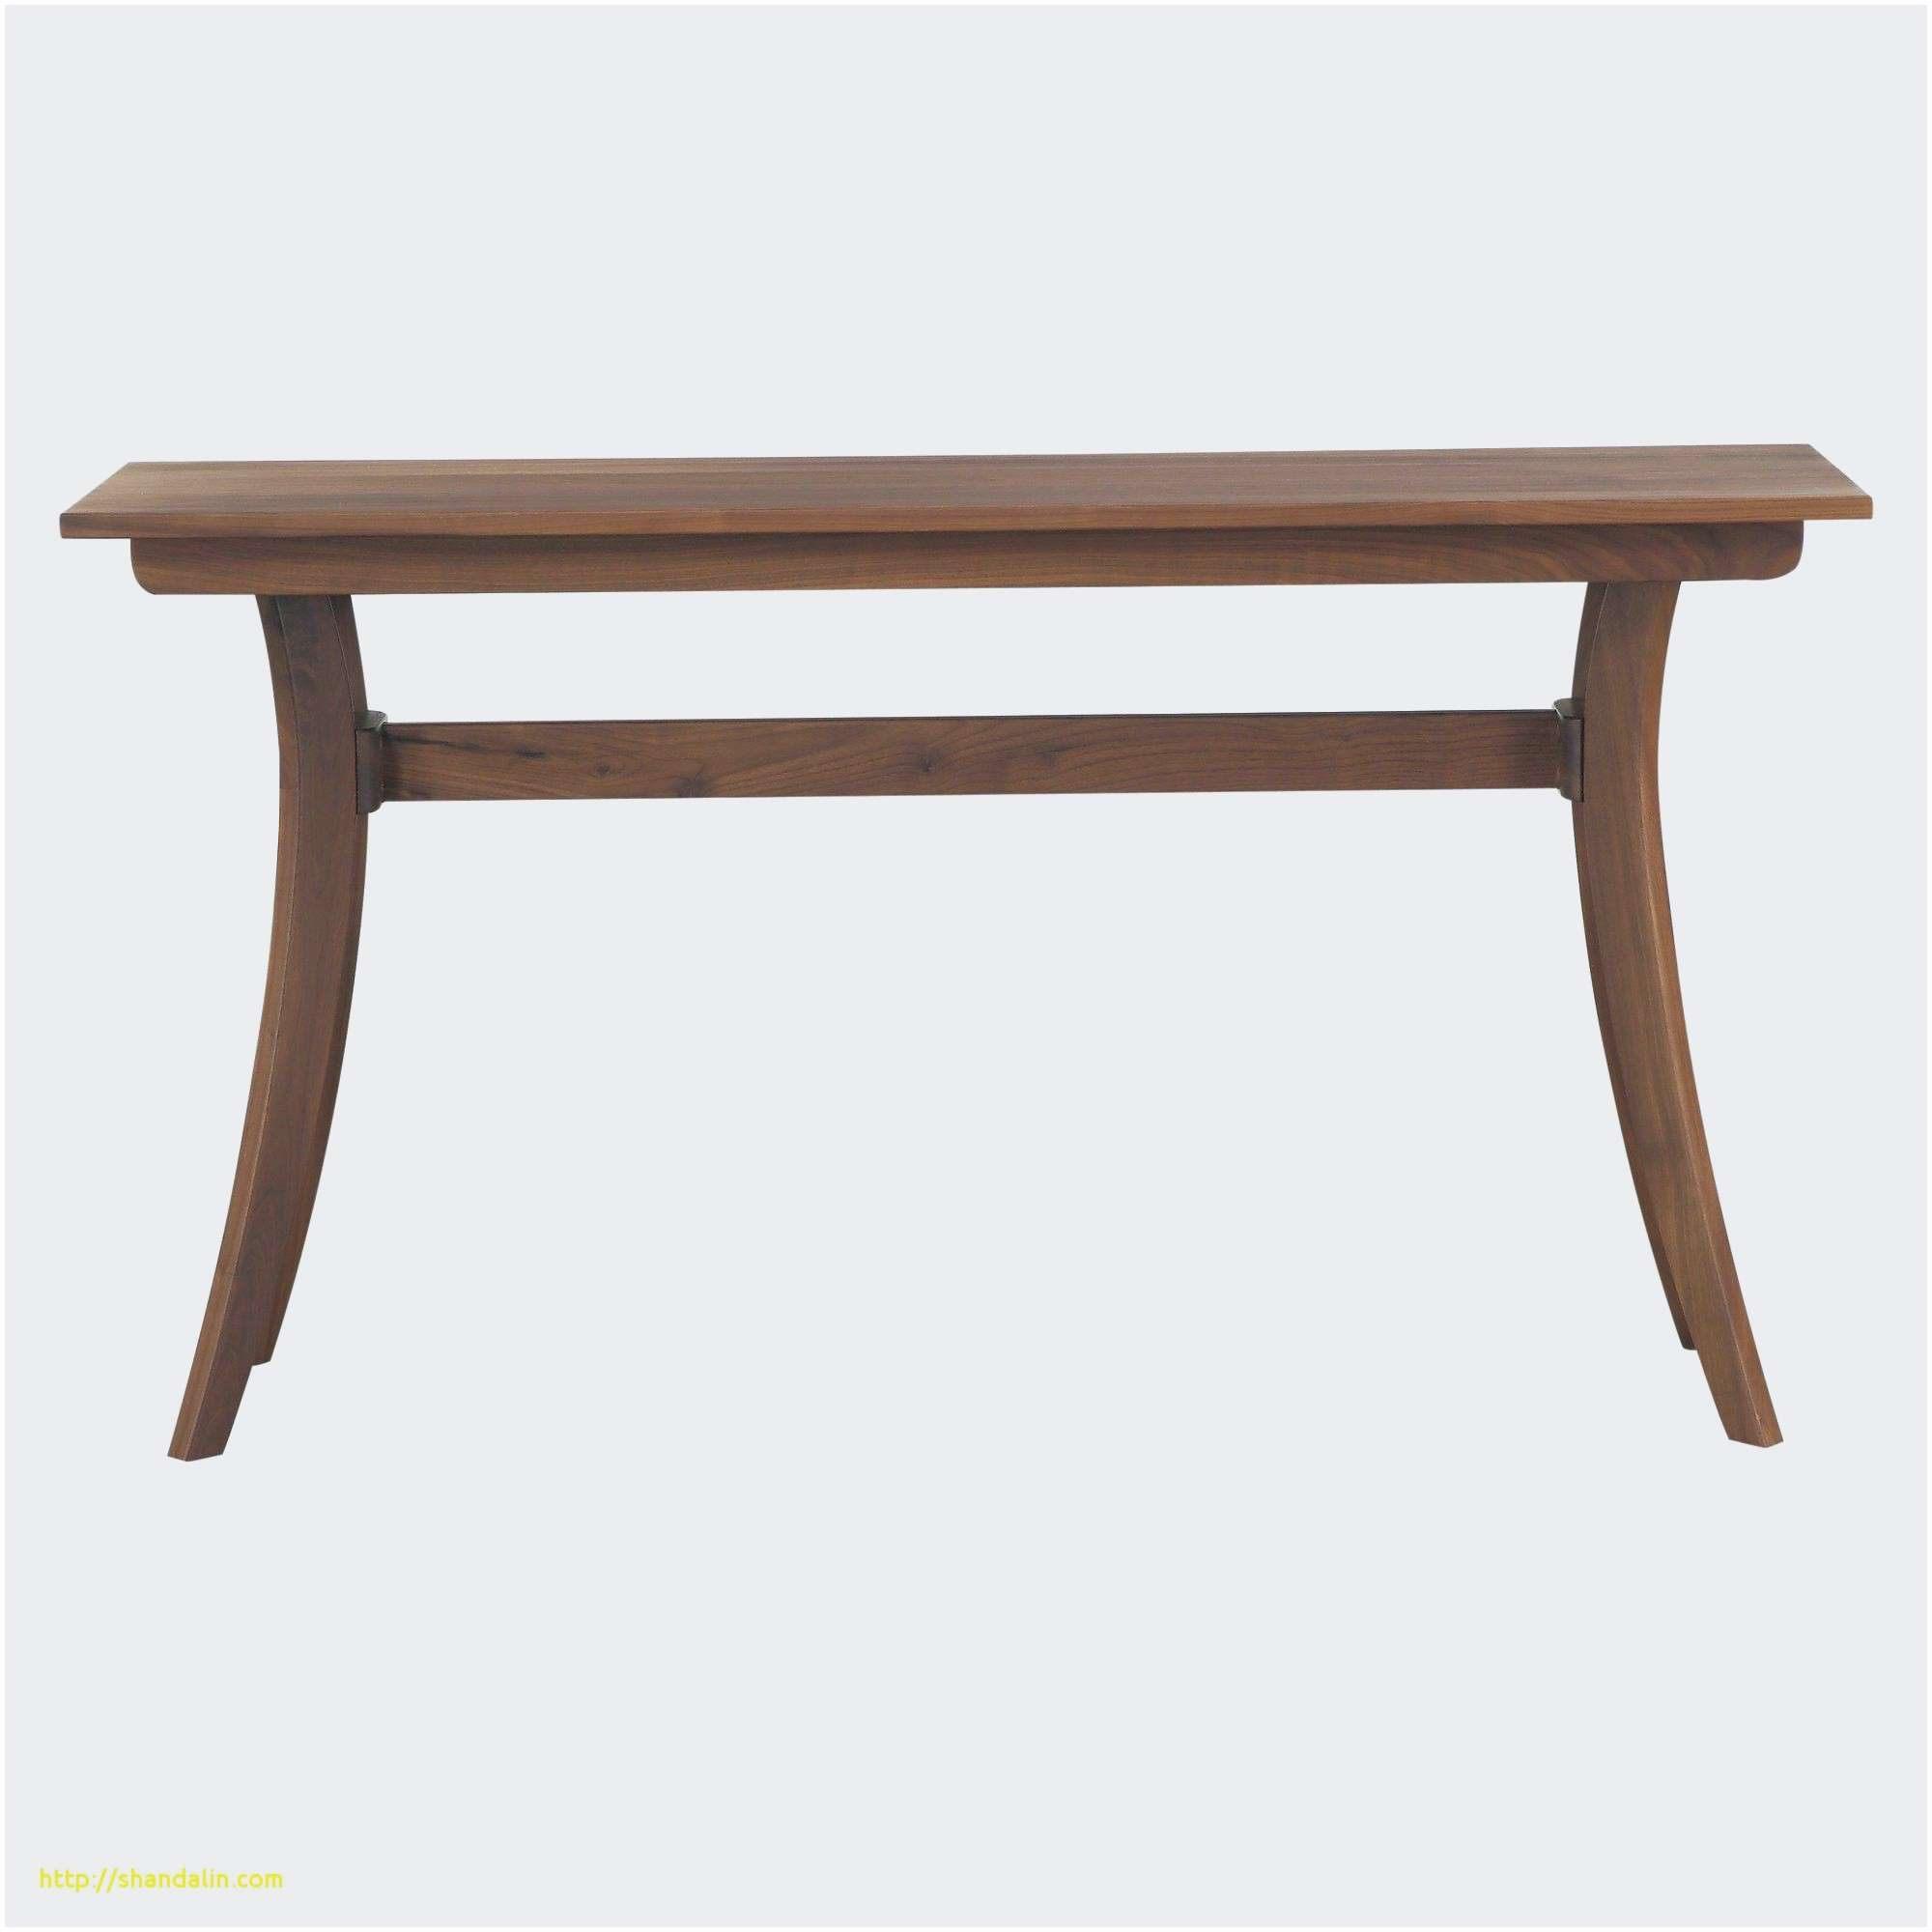 Lit D Appoint Pliant Ikea Magnifique Unique Table Dappoint Pliante Ikea Table Appoint Cuisine Table D